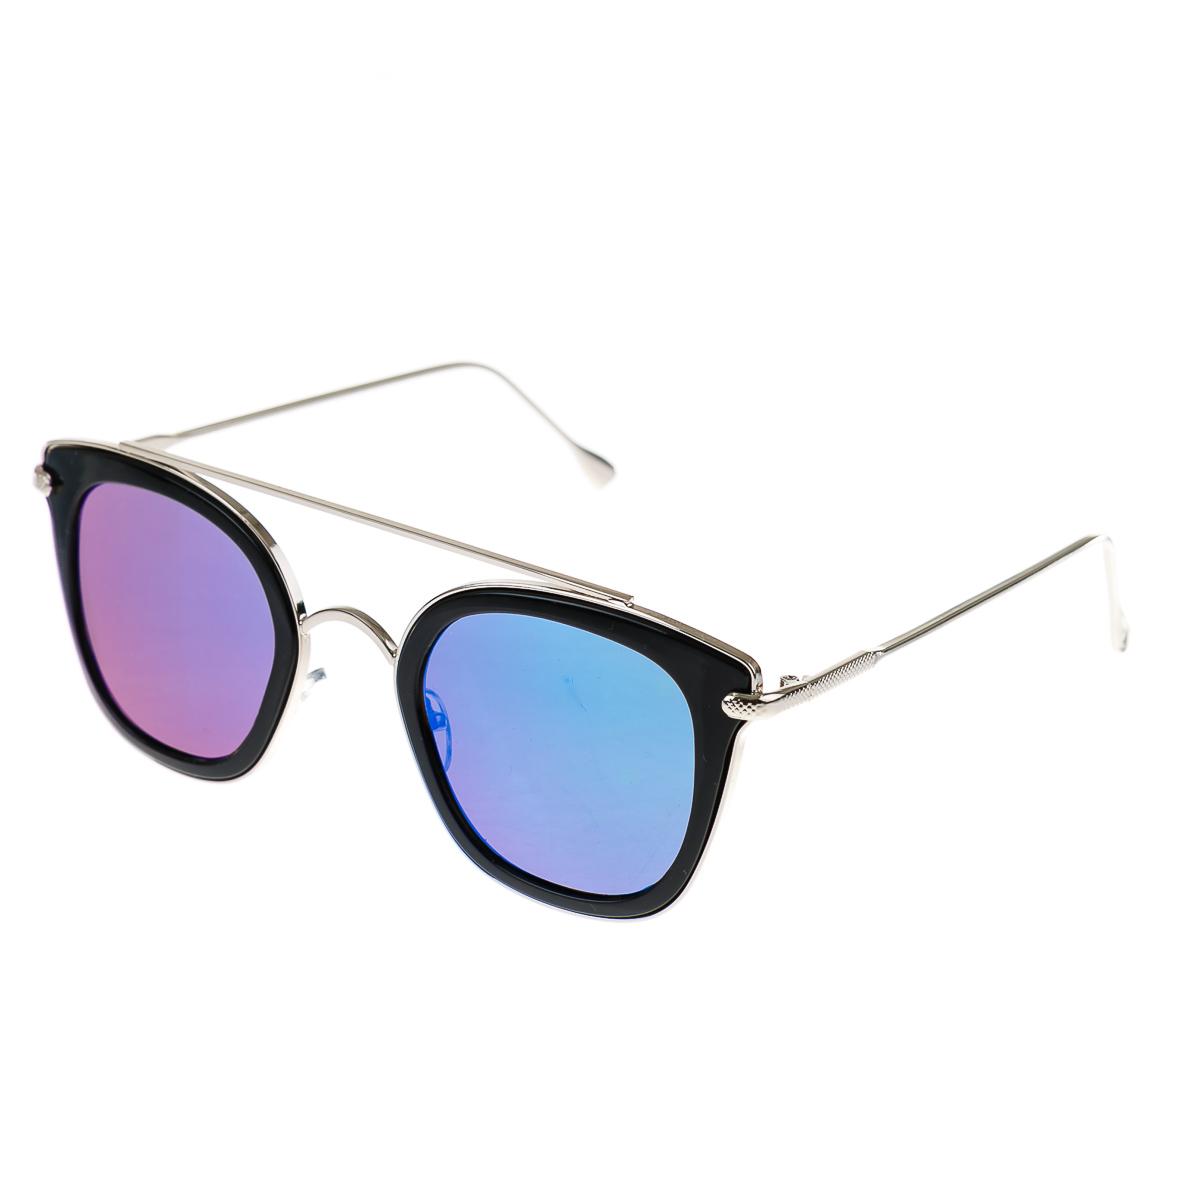 Очки в черной оправе с металлическими дужками и цветным стеклом